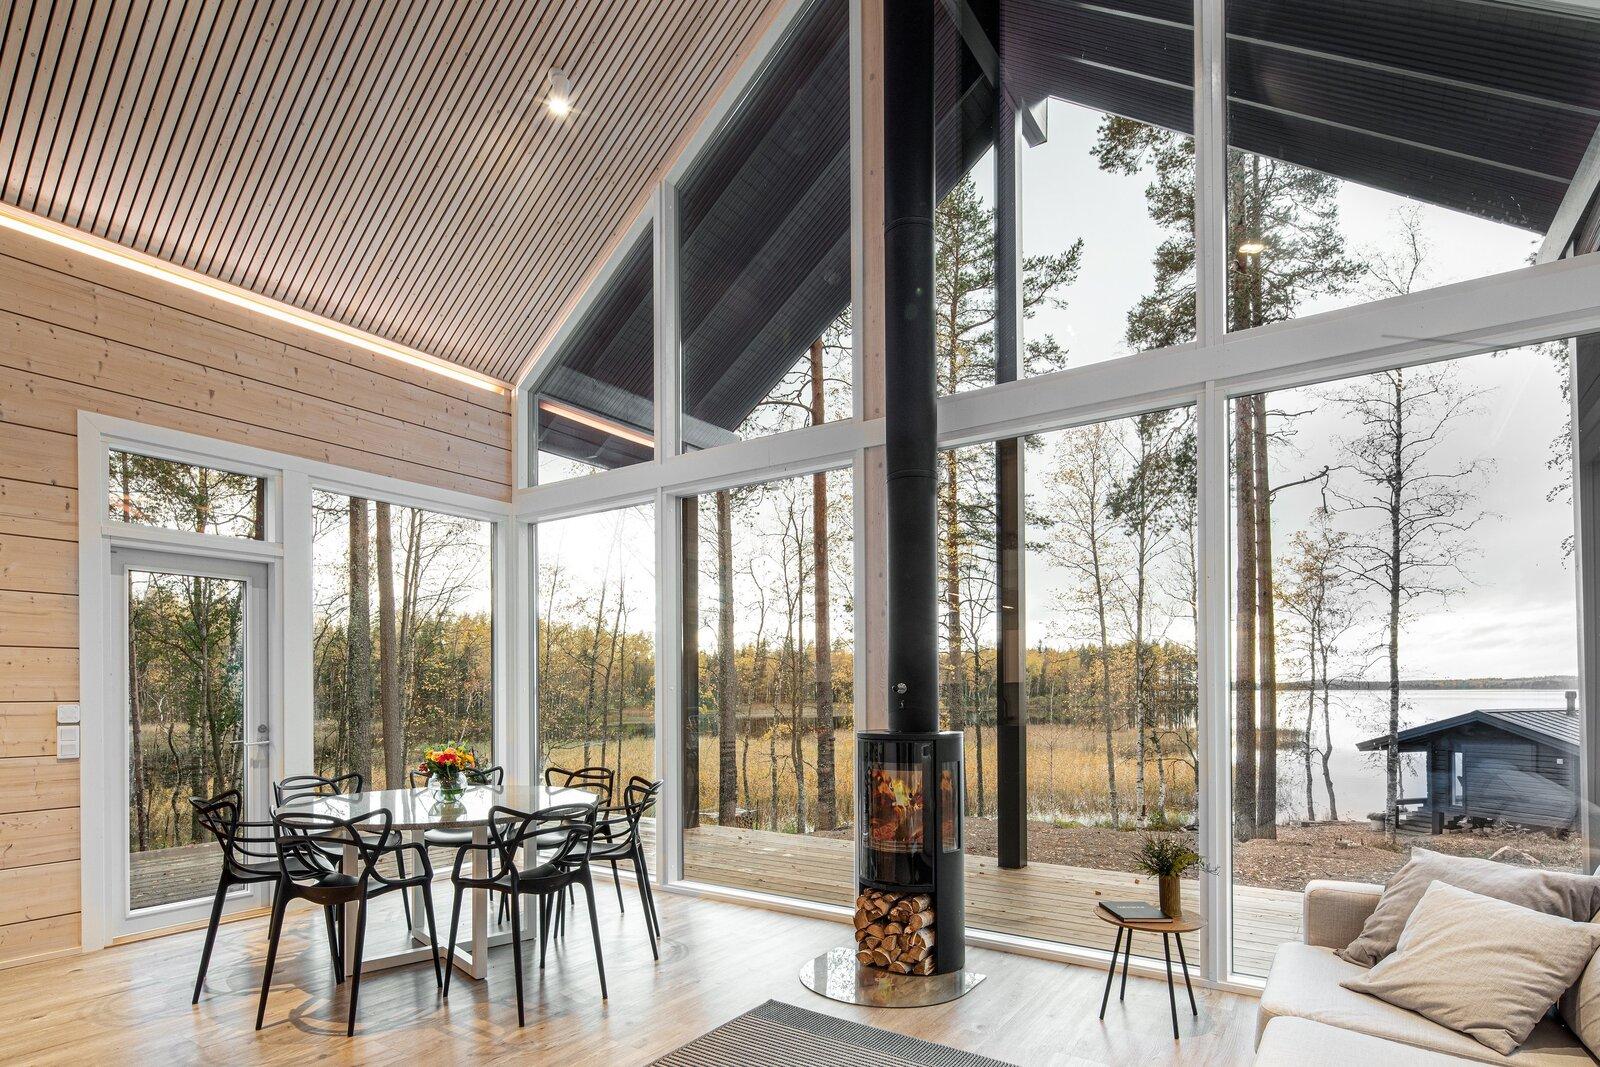 Unos grandes ventanales para disfrutar del entorno